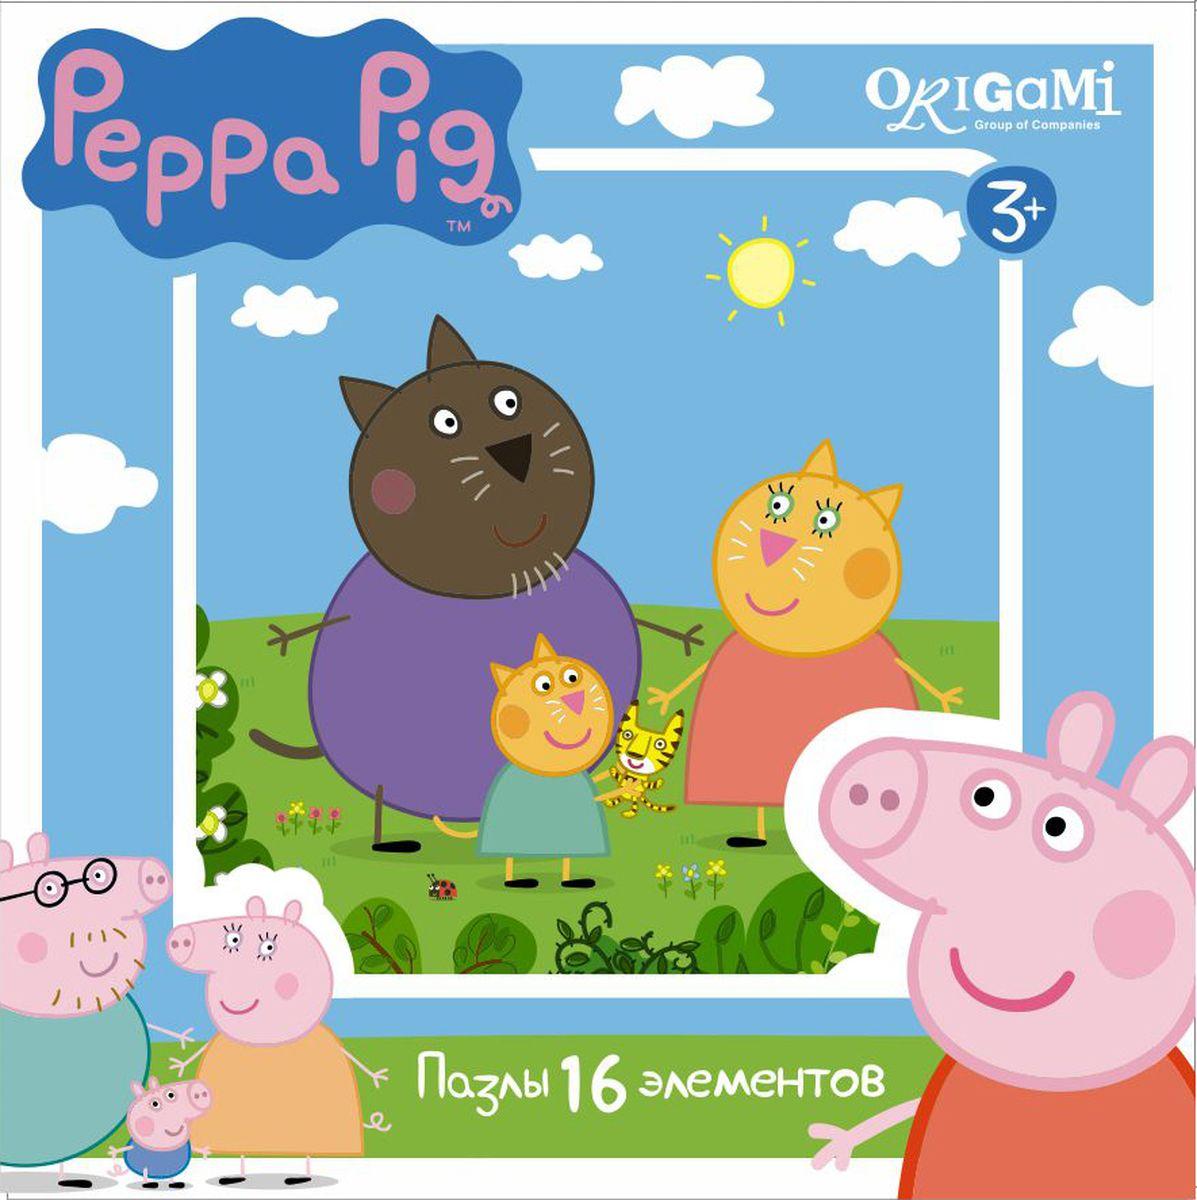 Оригами Пазл для малышей Peppa Pig 01578